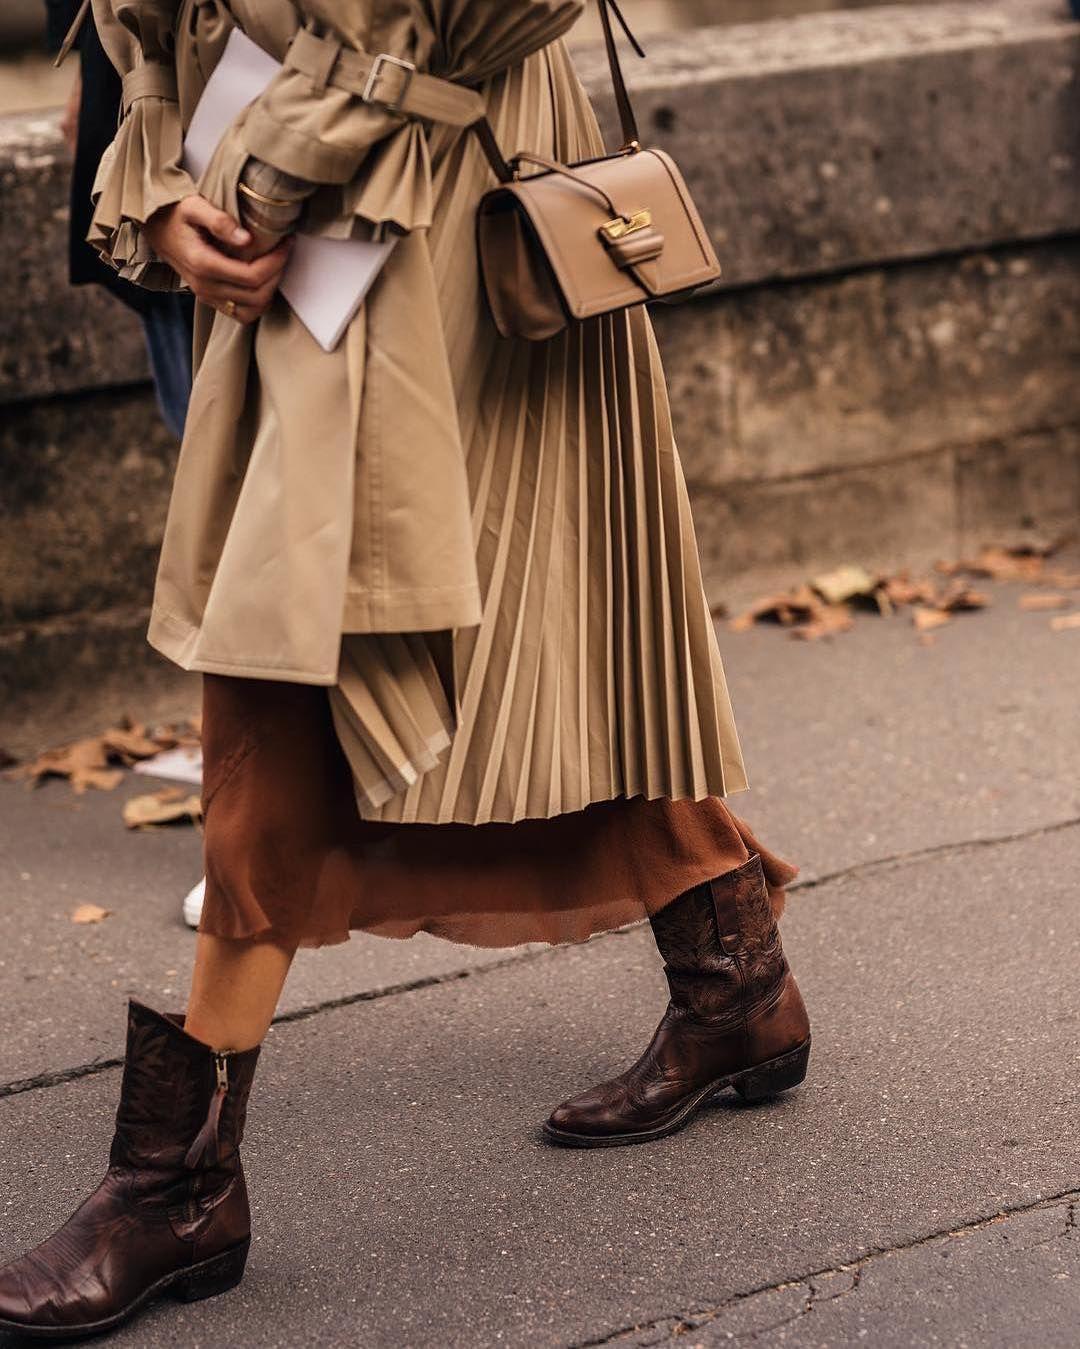 Obraz Moze Zawierac Co Najmniej Jedna Osoba I Buty Fashion Stylish Fall Outfits Cowboy Outfits